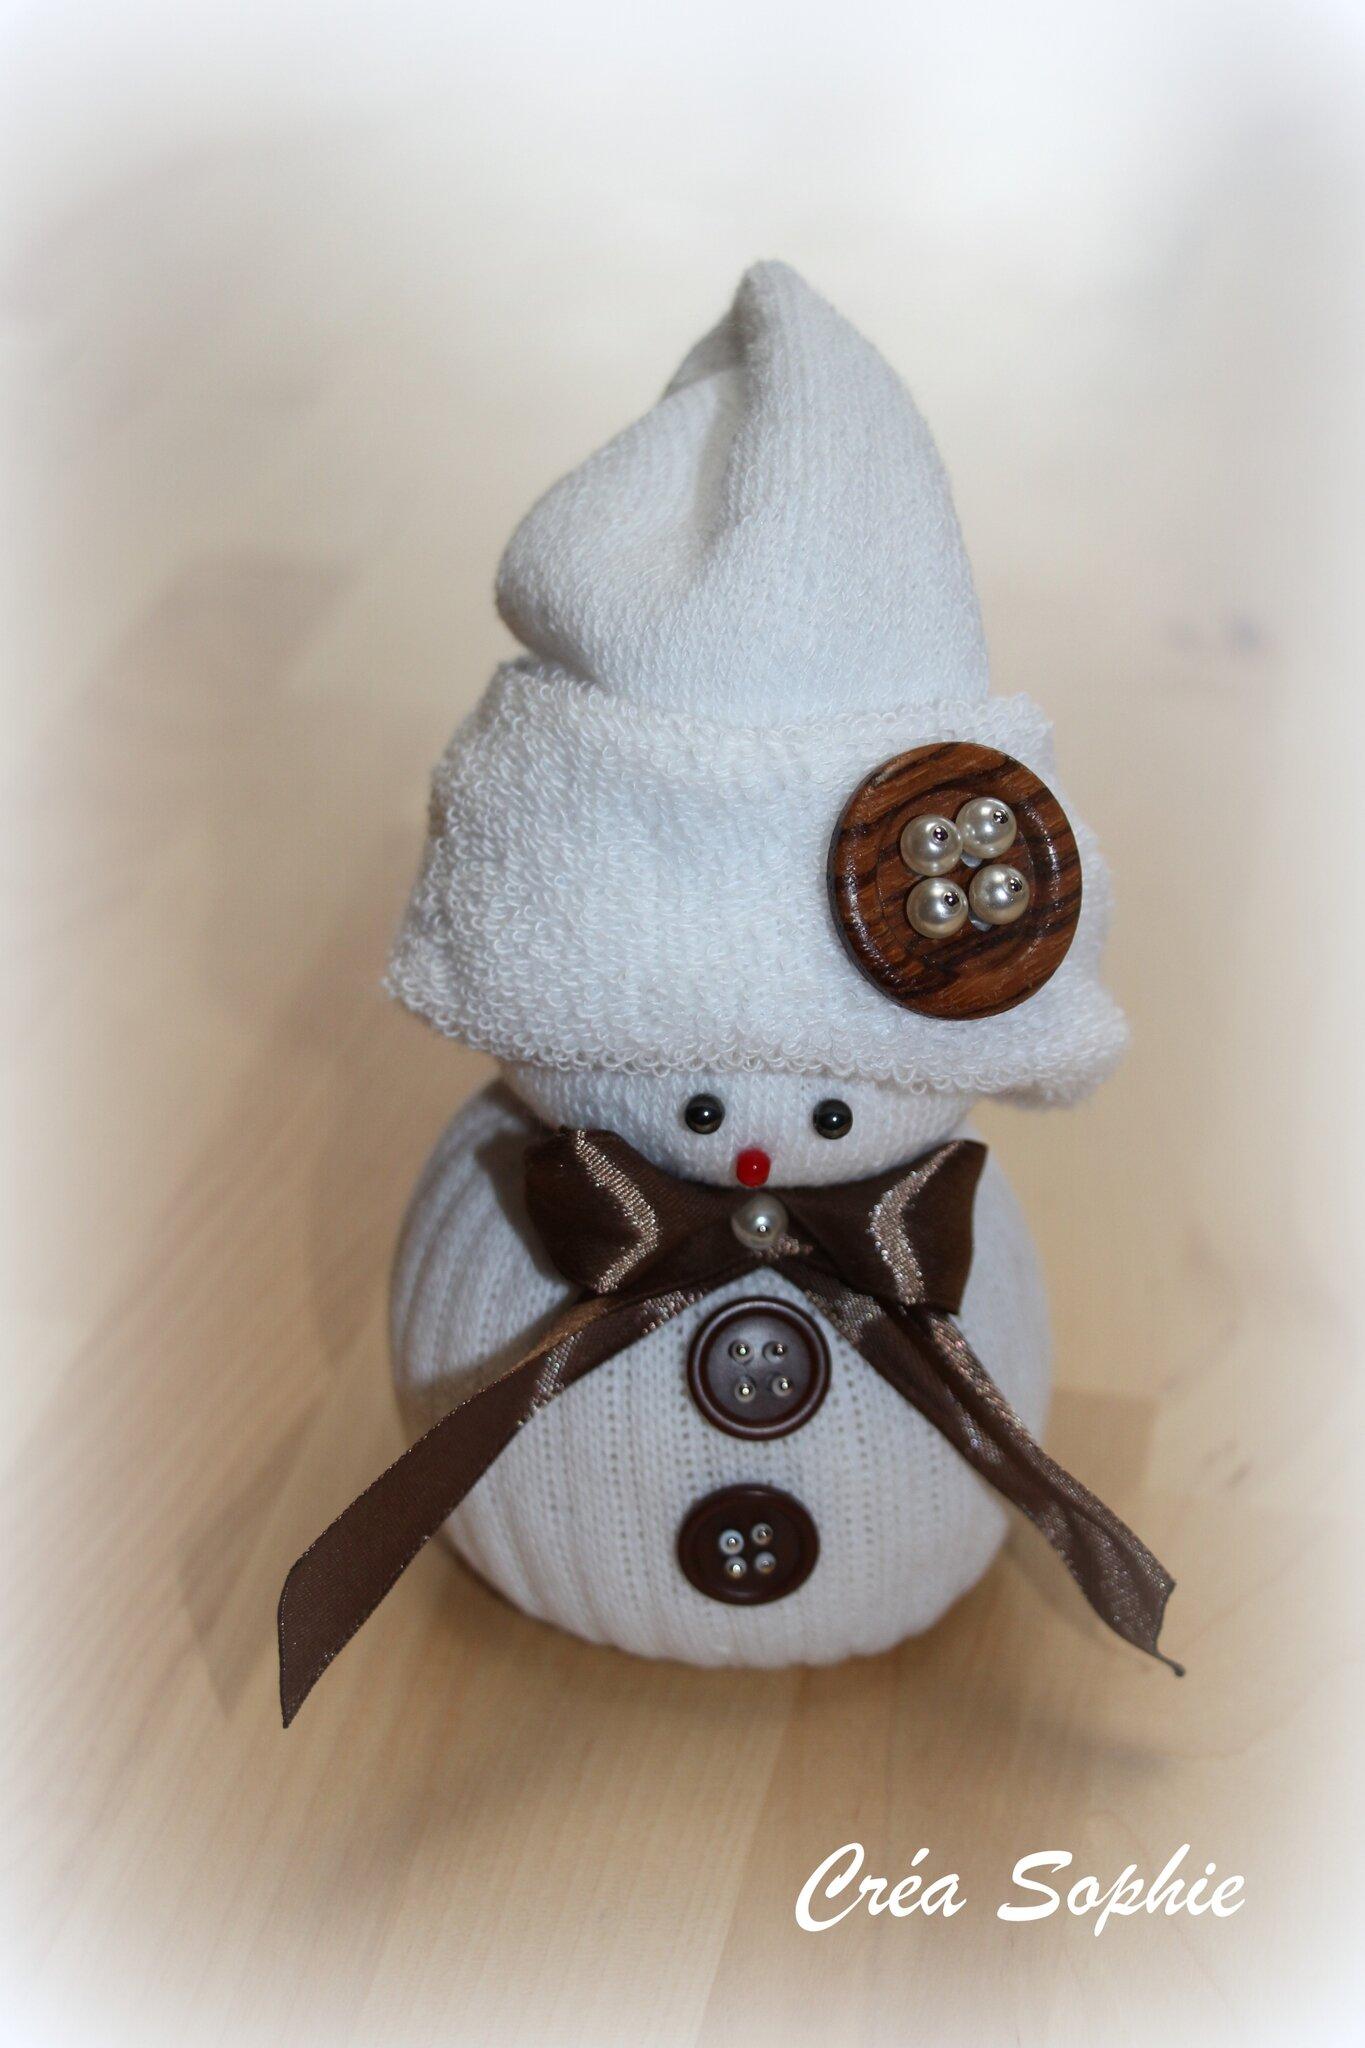 bonhomme de neige chaussette - créa sophie